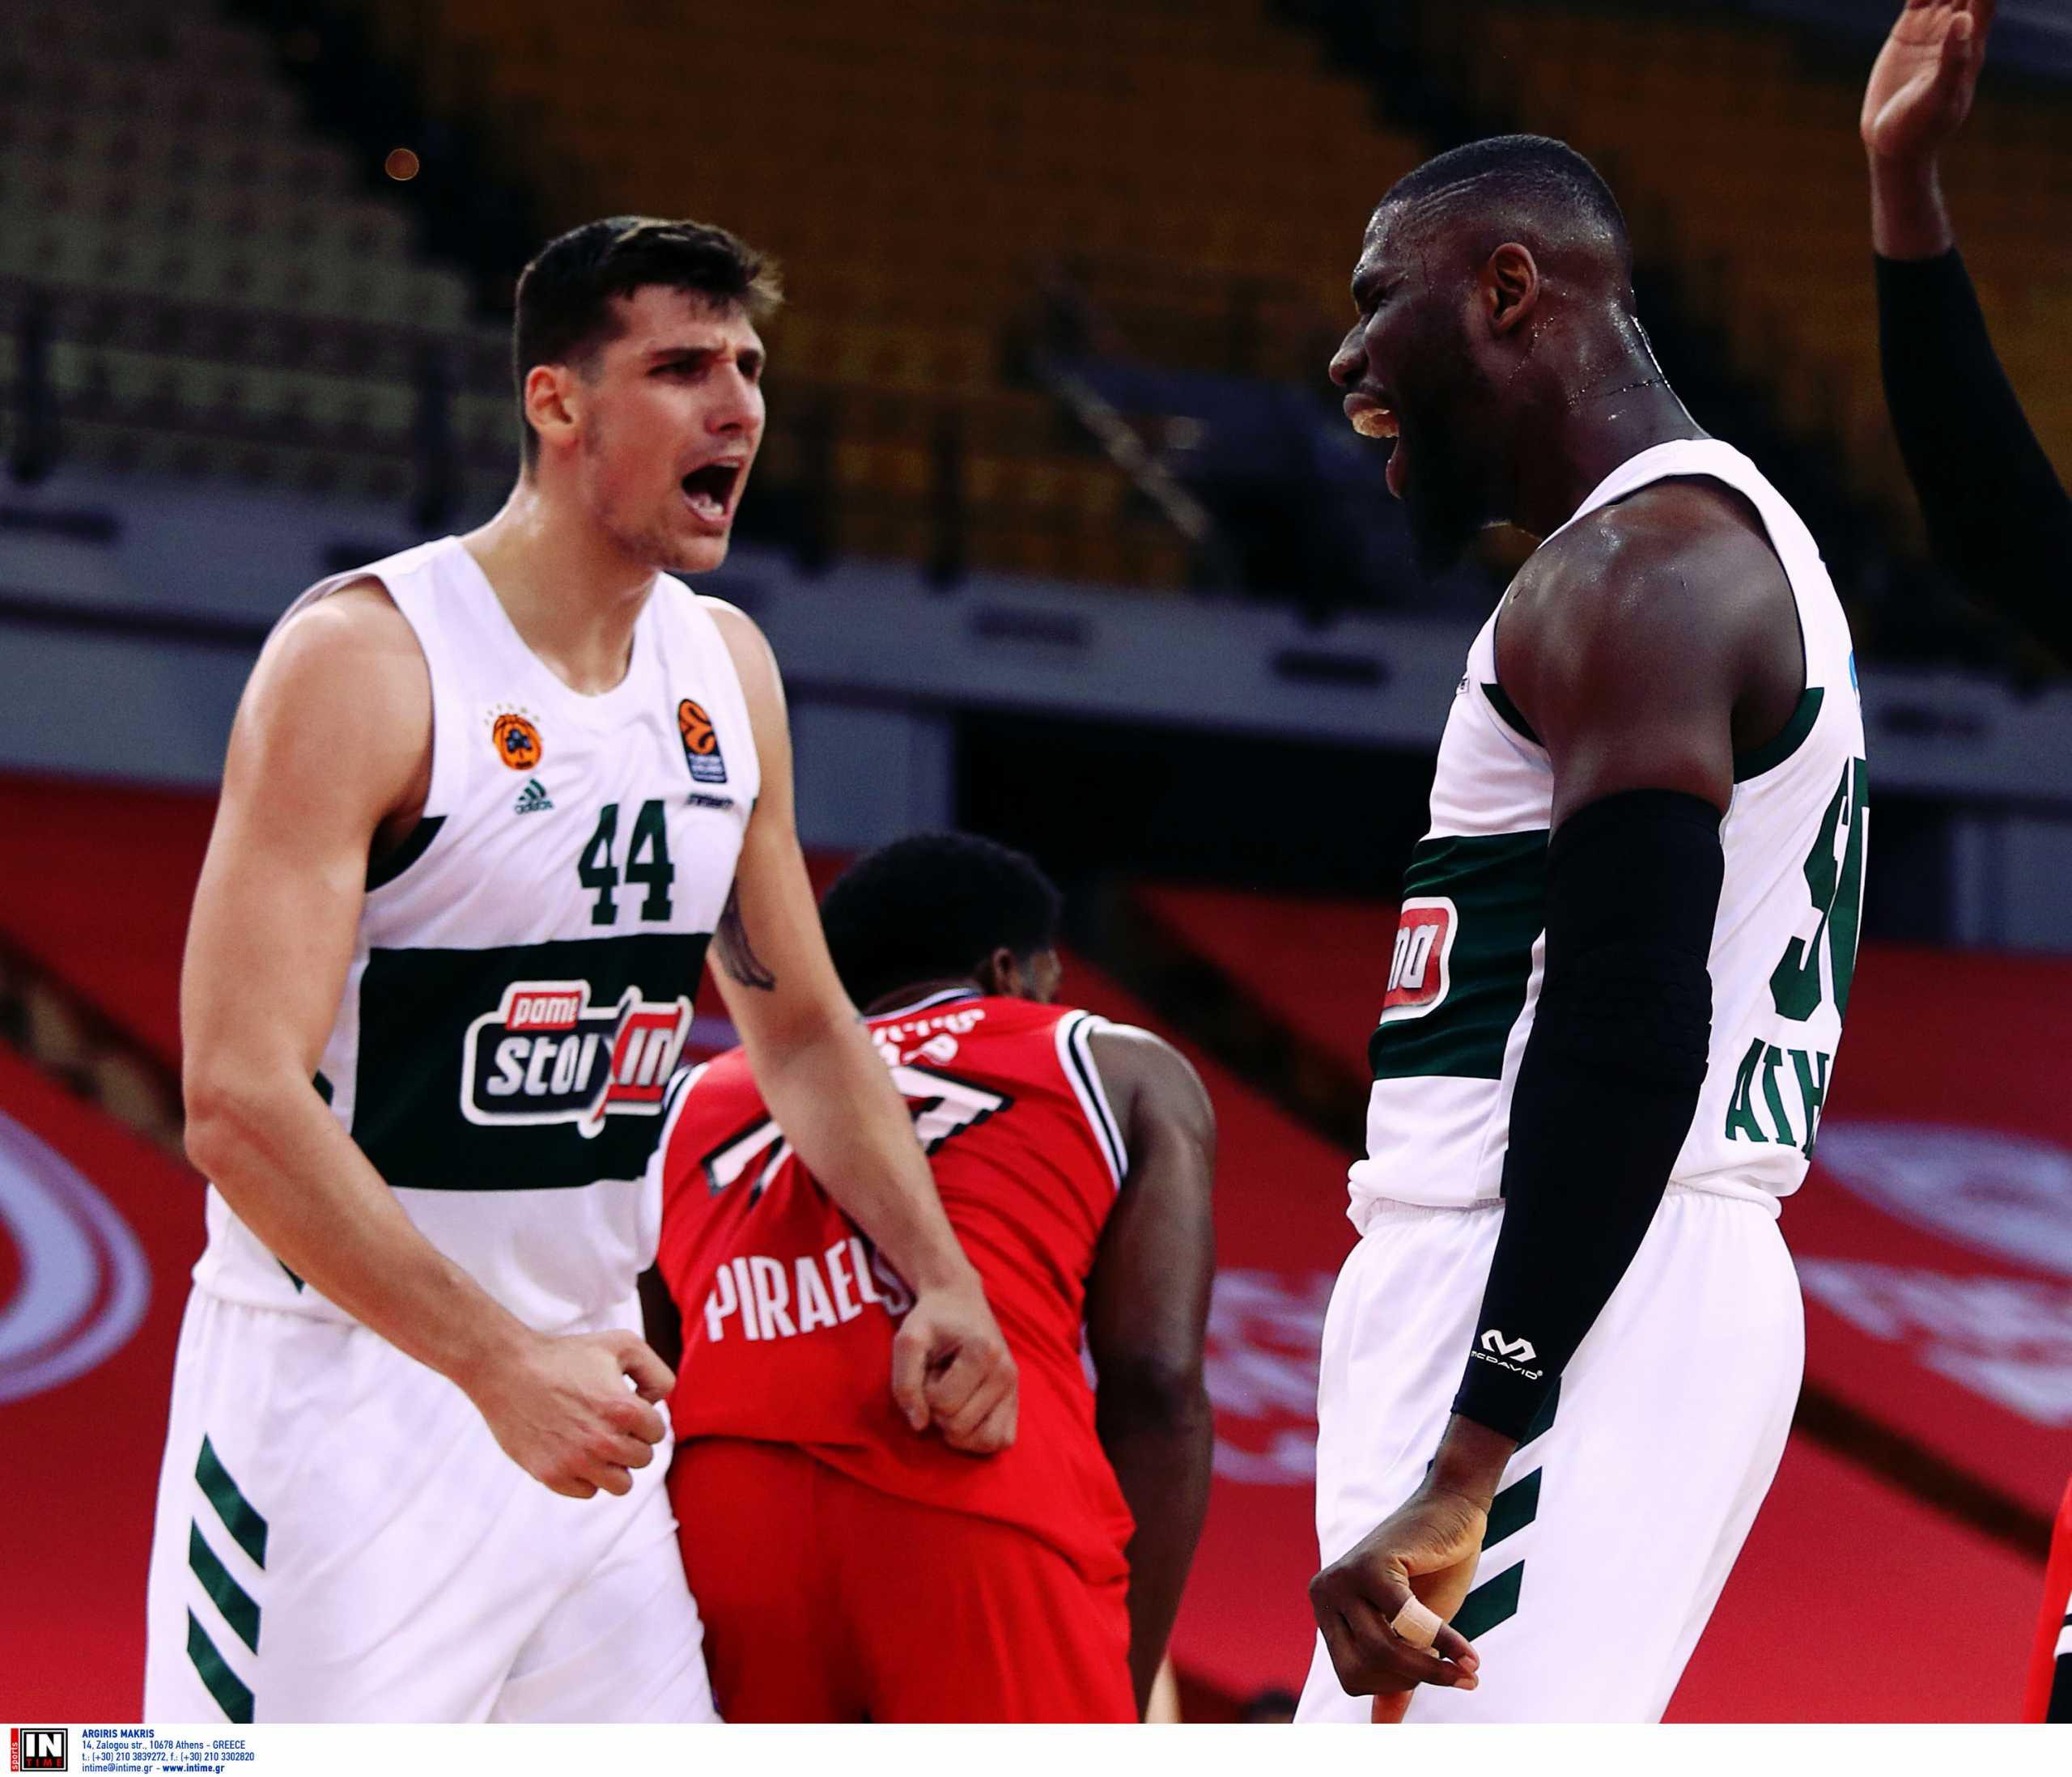 Ολυμπιακός – Παναθηναϊκός: Τα highlights του αγώνα (video)